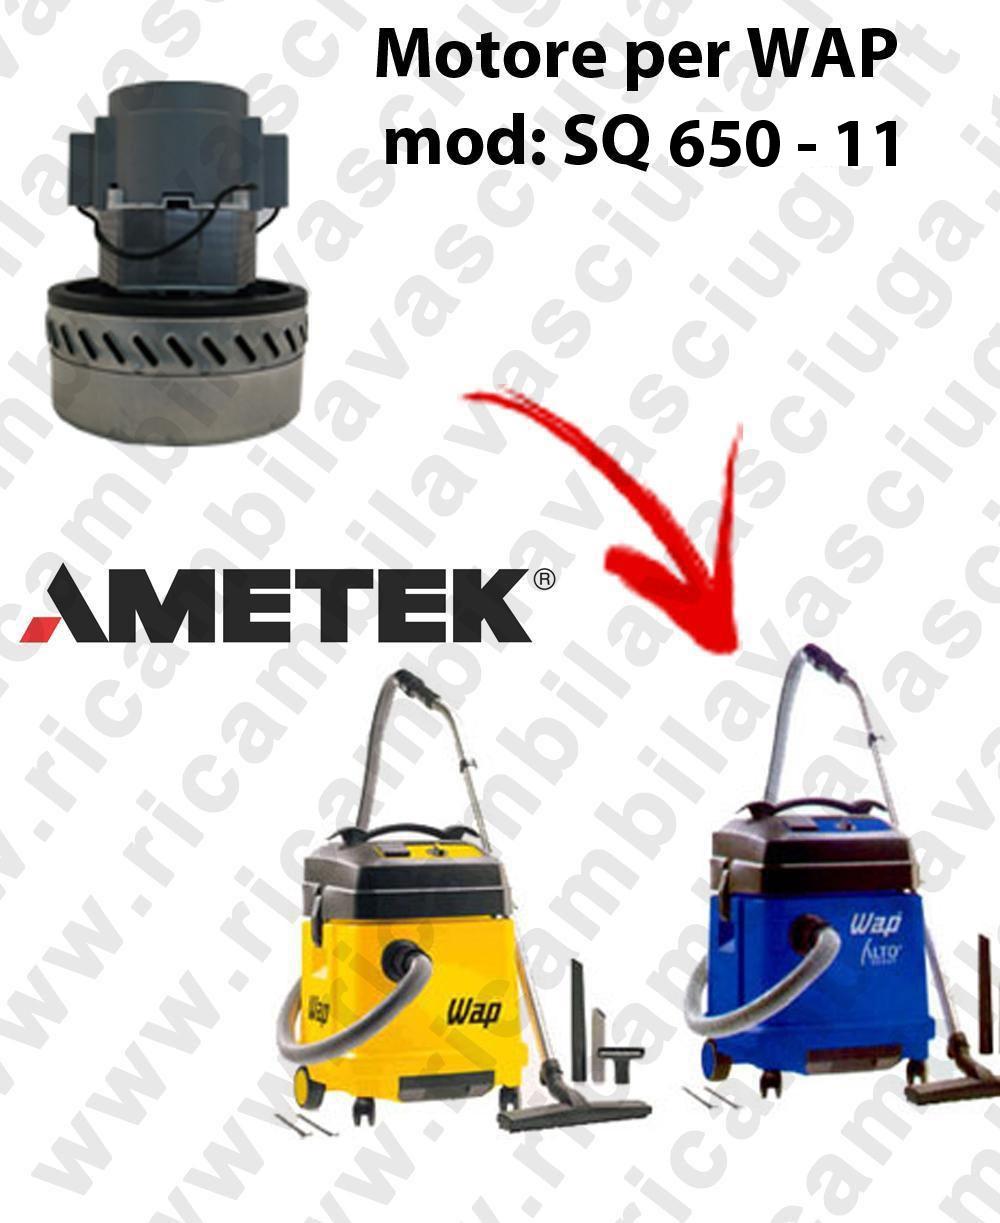 SQ 650 - 11 MOTEUR ASPIRATION AMETEK  pour aspirateur WAP